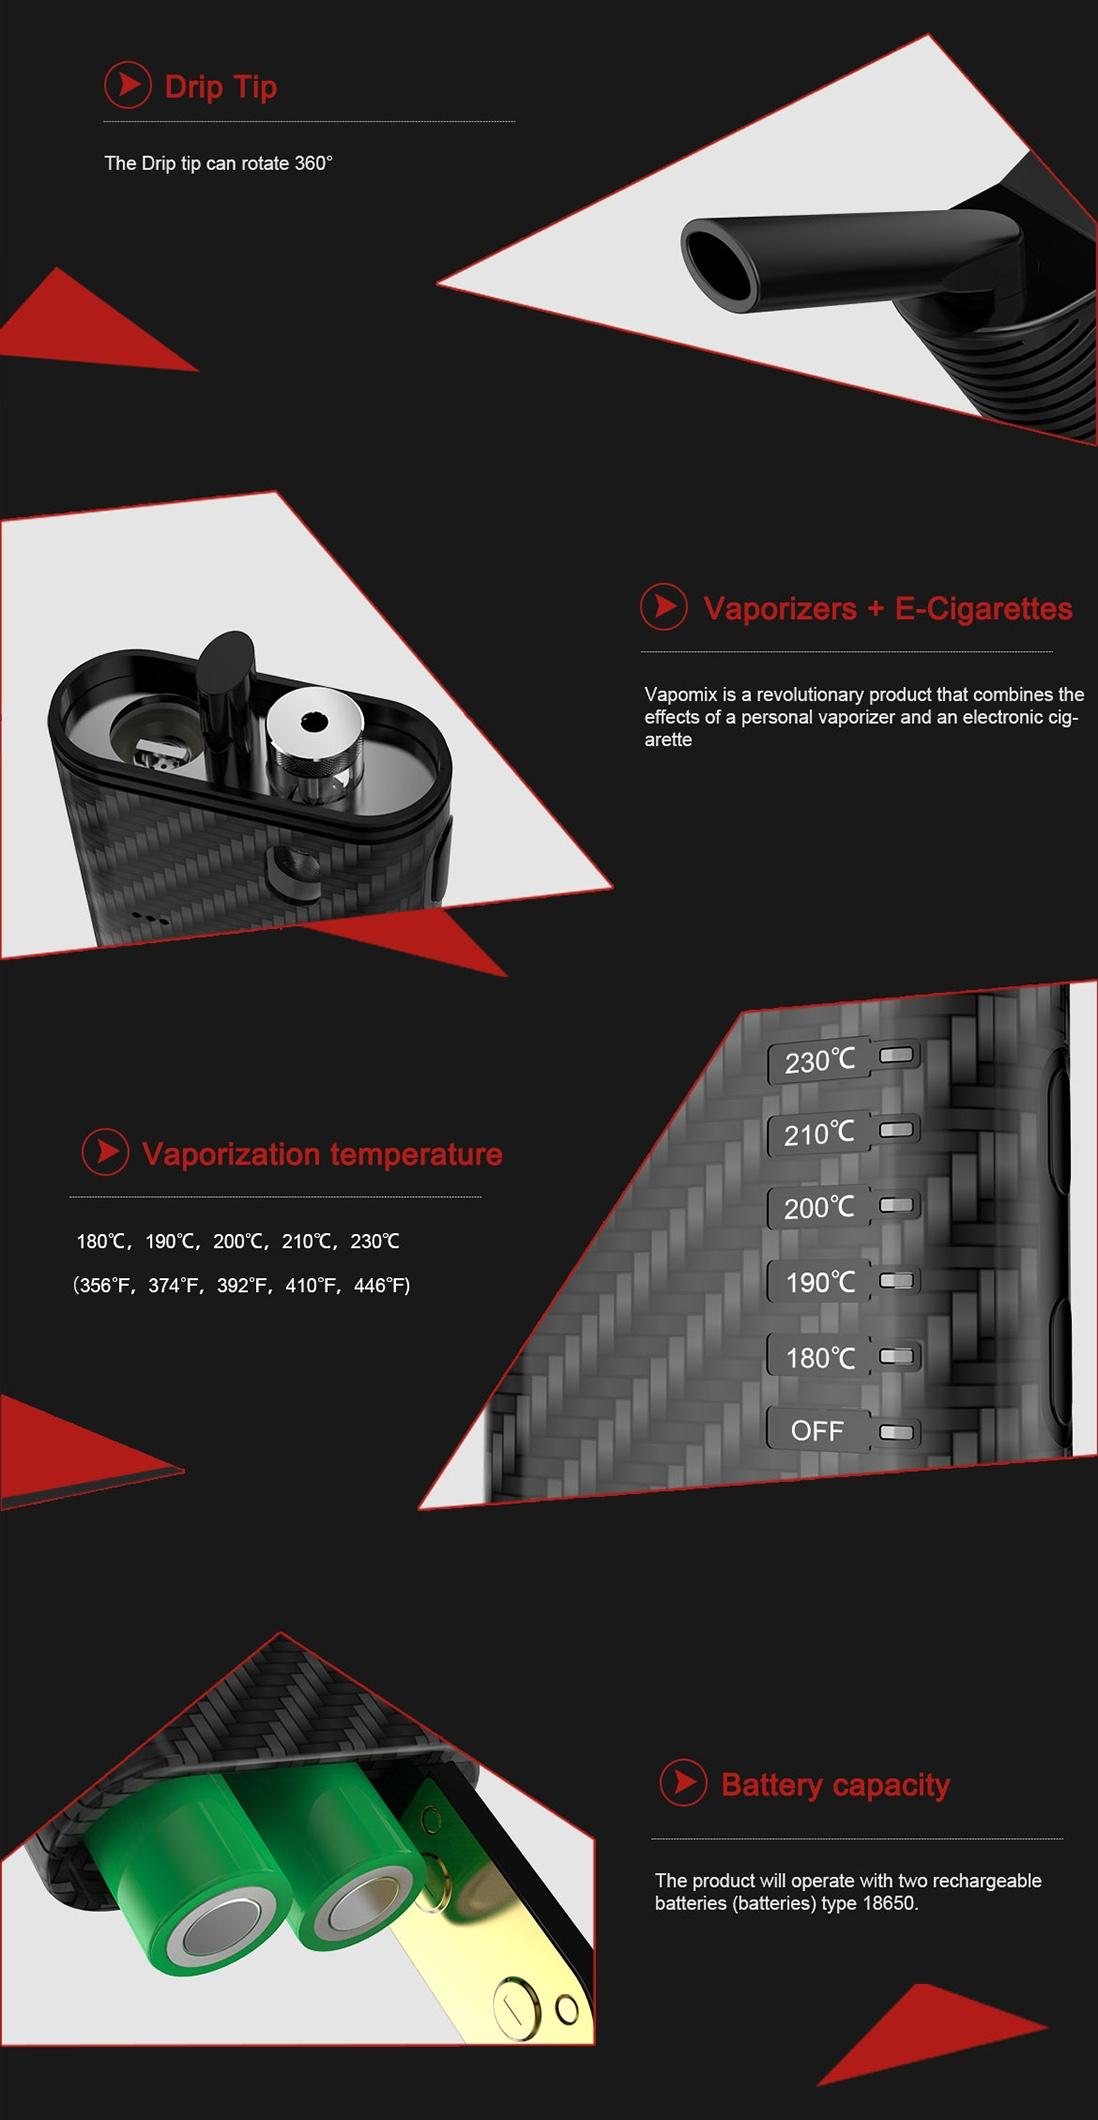 Fumytech Vapomix 2 in 1 Starter Kit Features